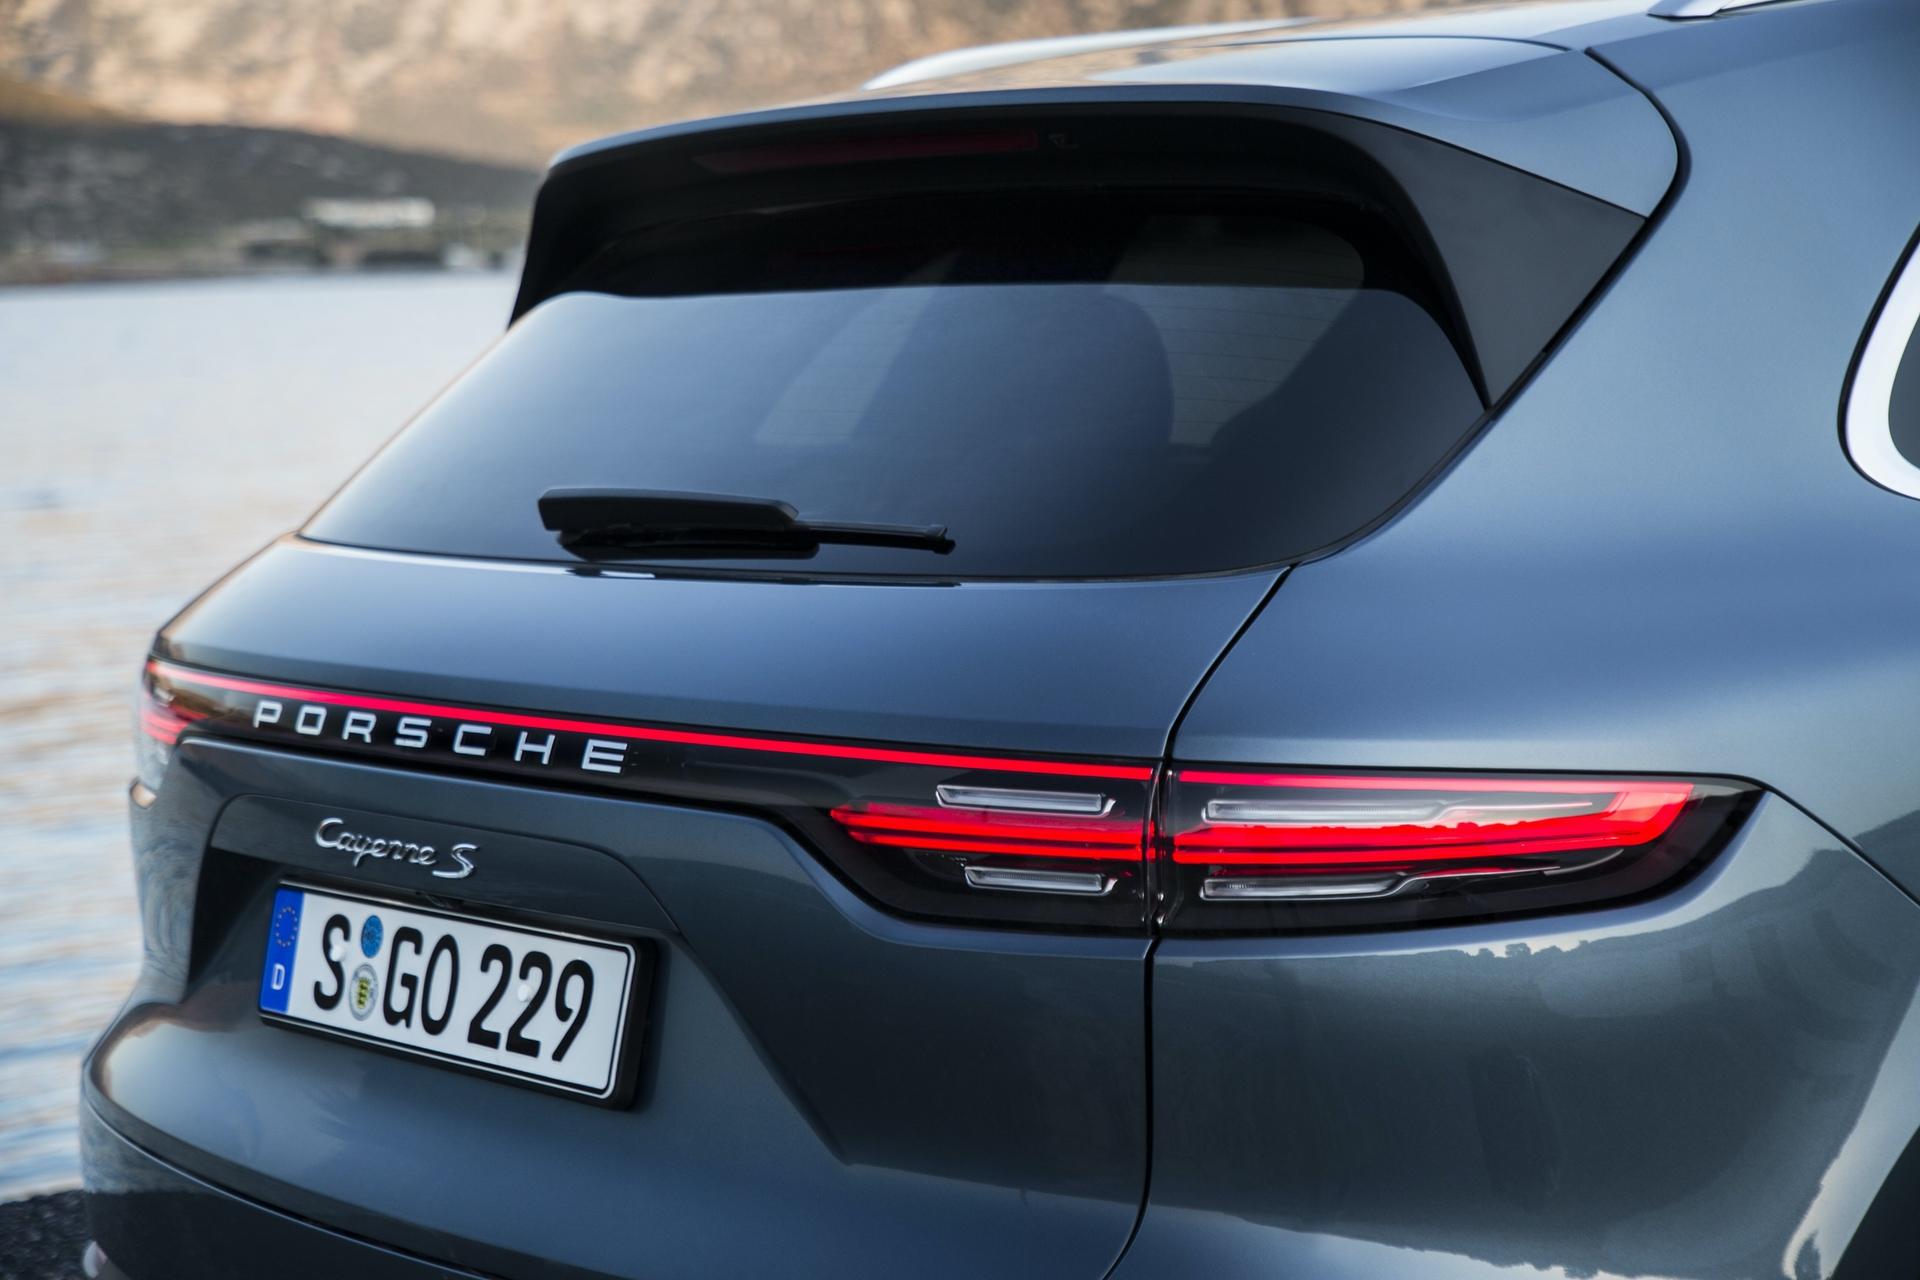 Test_Drive_Porsche_Cayenne_29